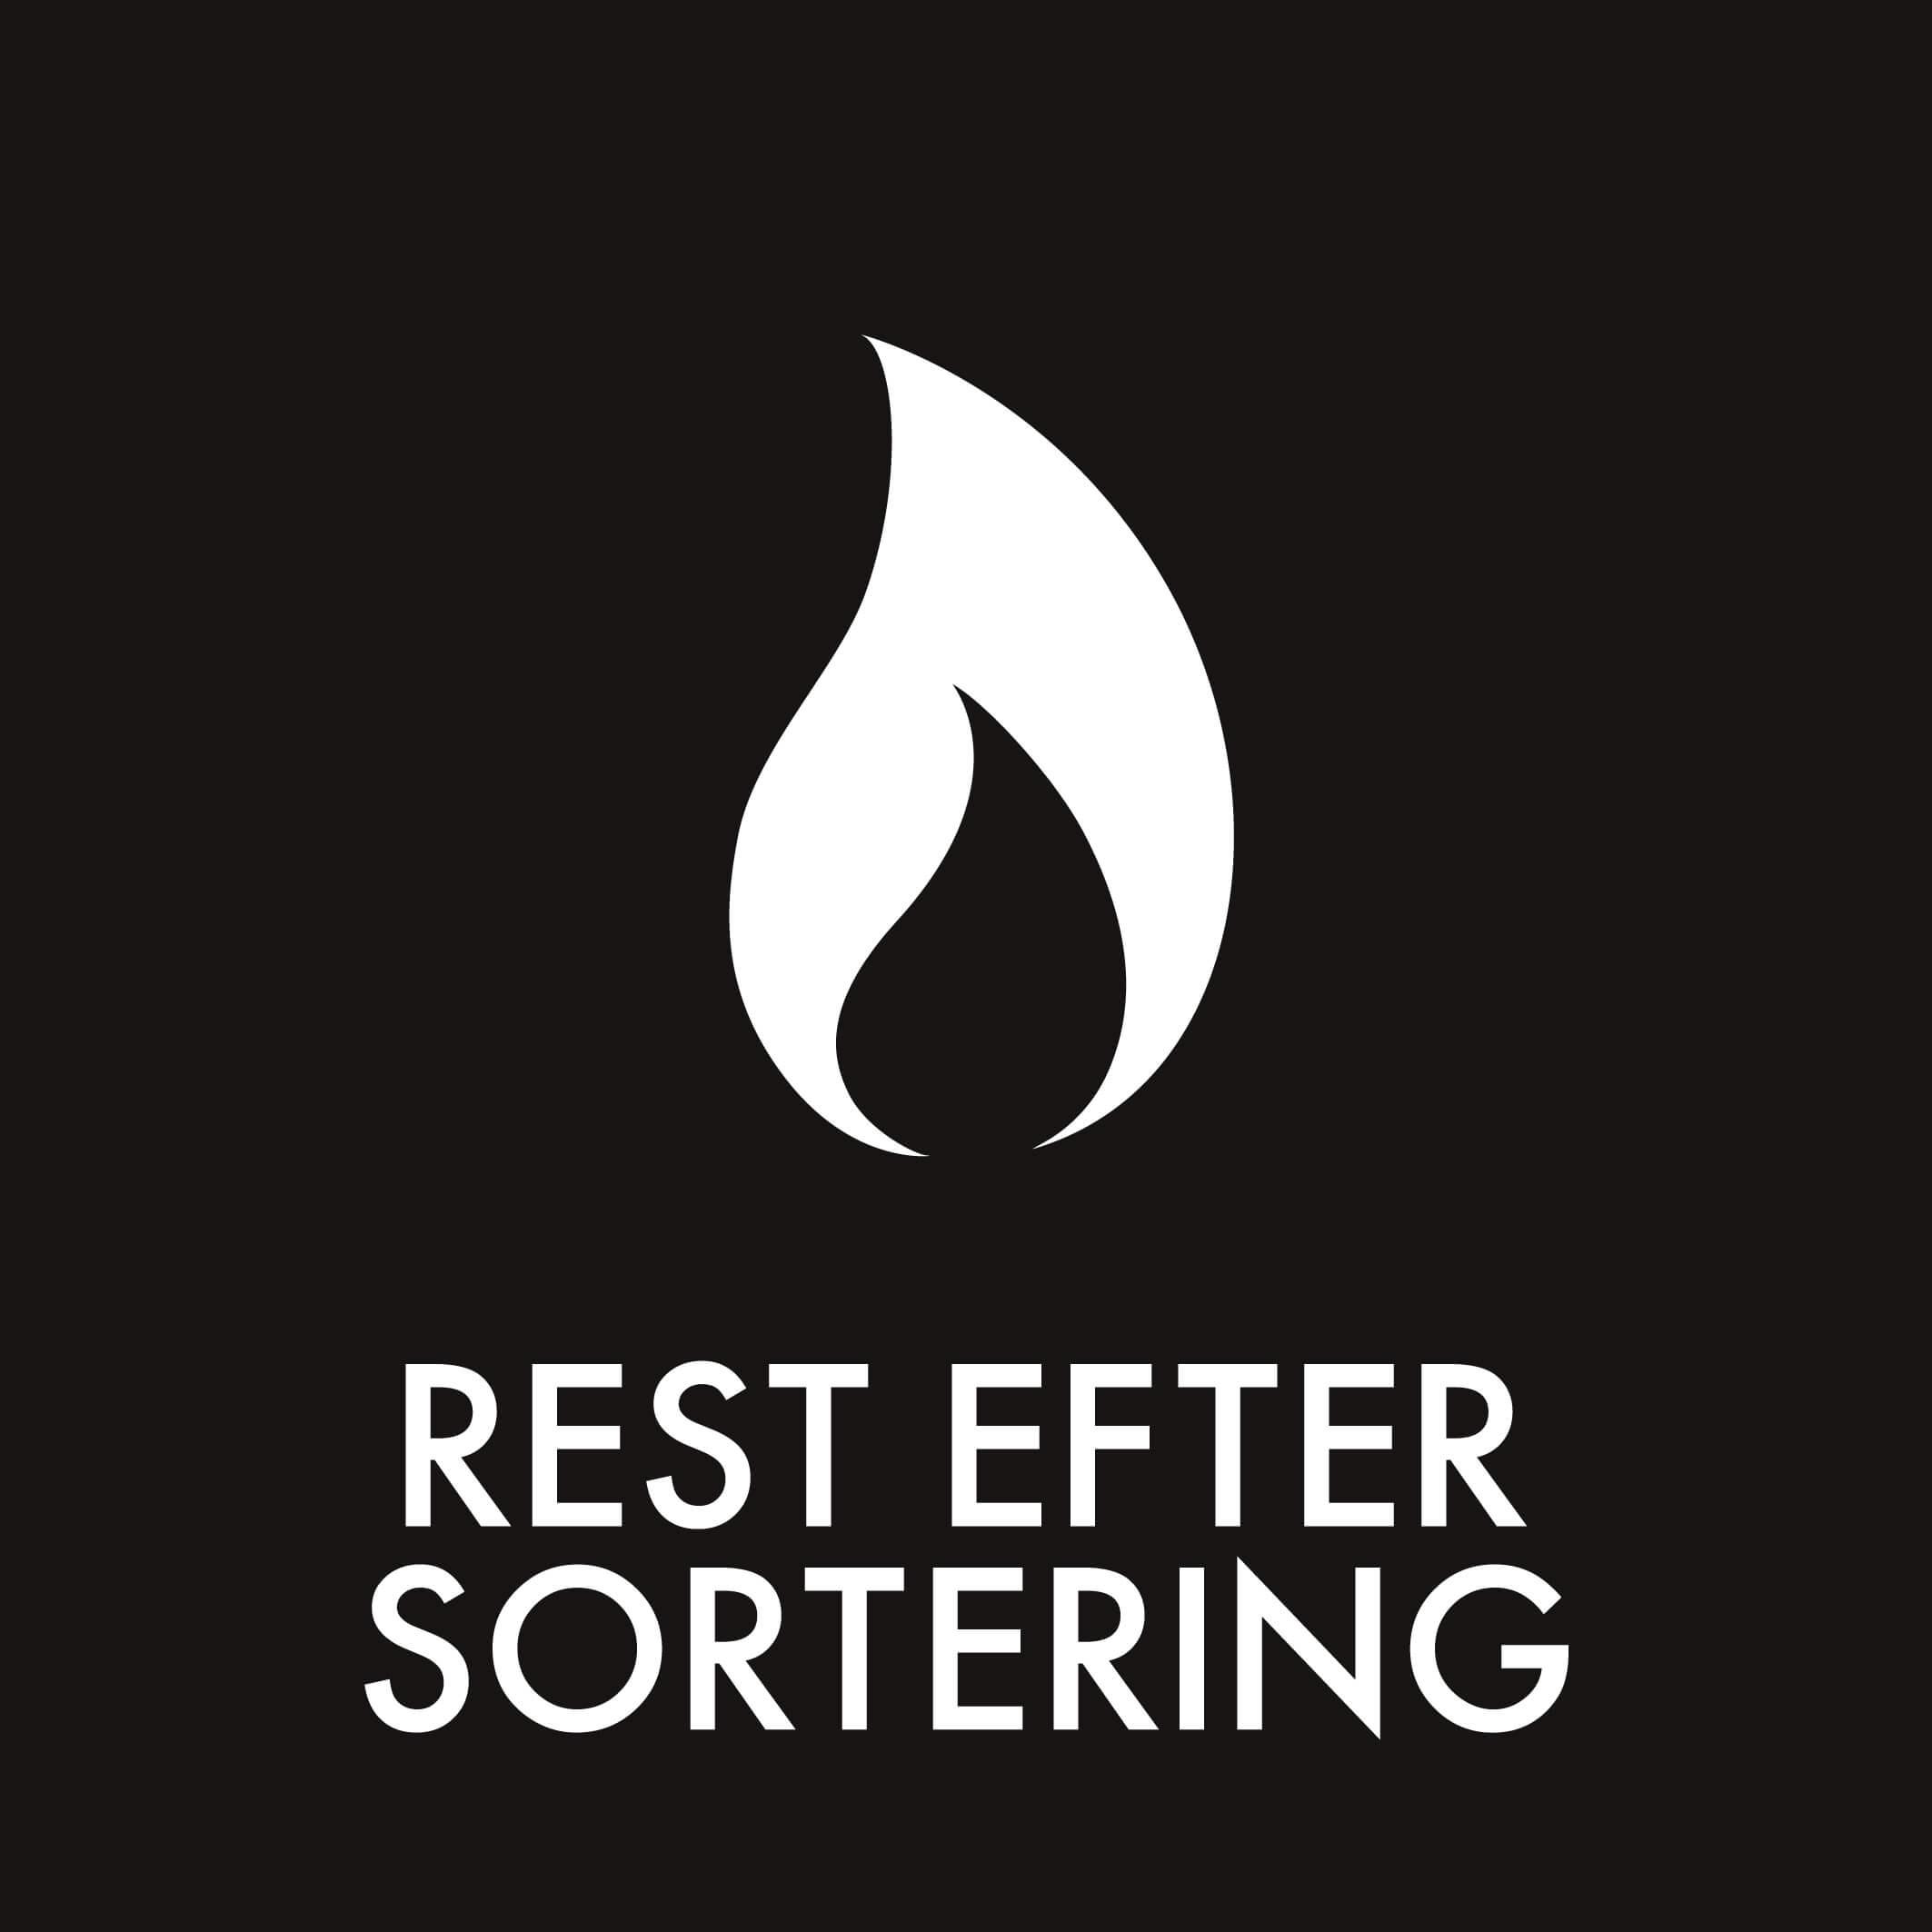 Dansk Affaldssortering - Rest efter sortering